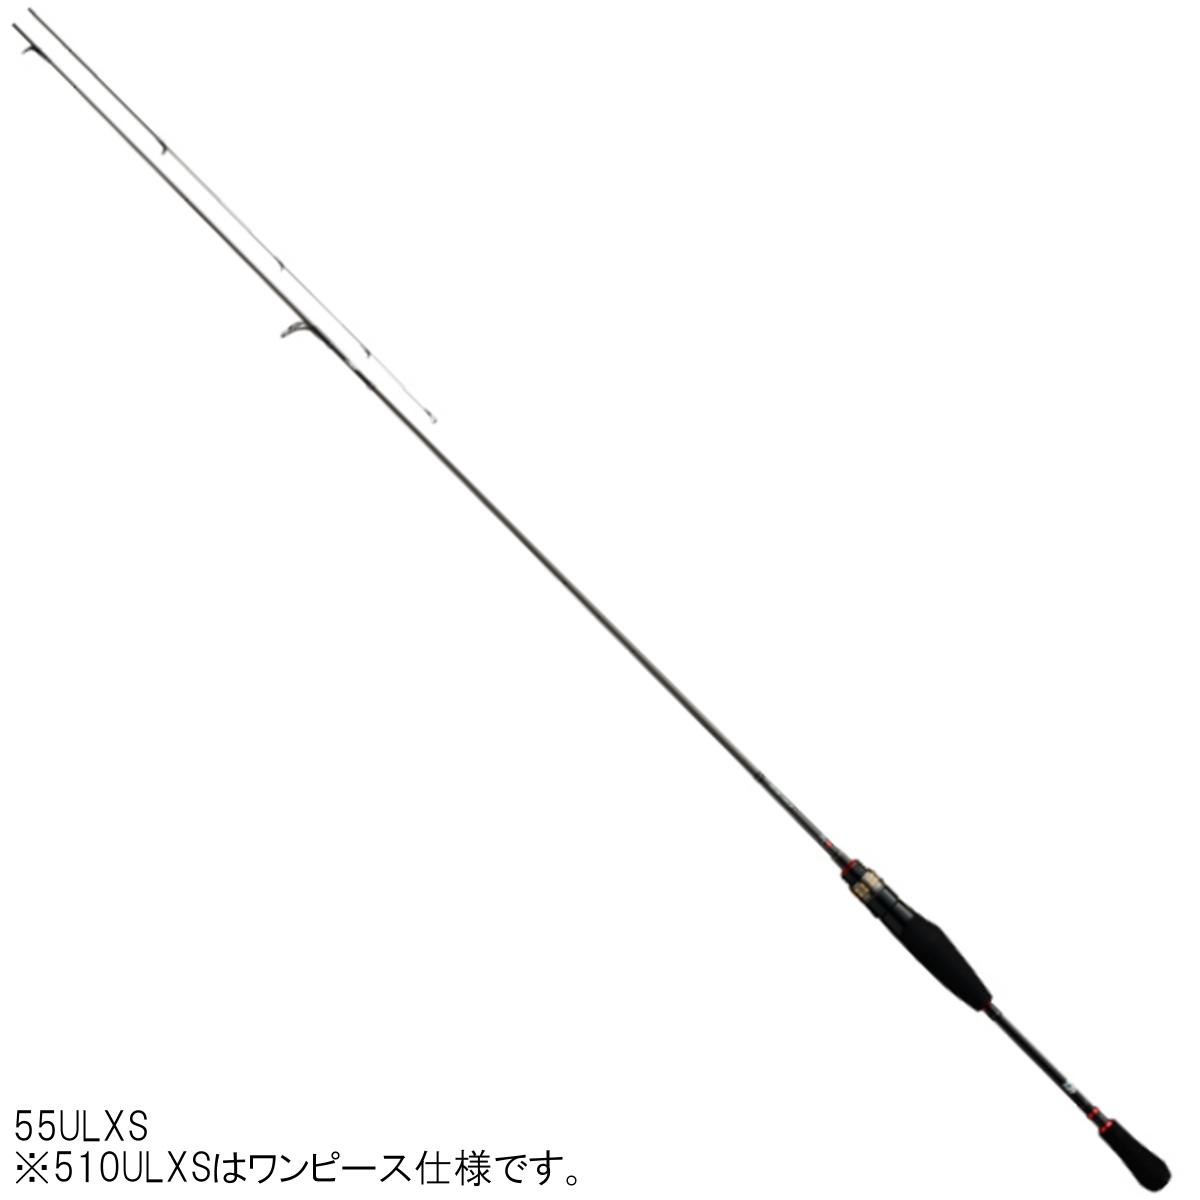 ダイワ 月下美人 AIR AGS アジング 510ULXS【大型商品】